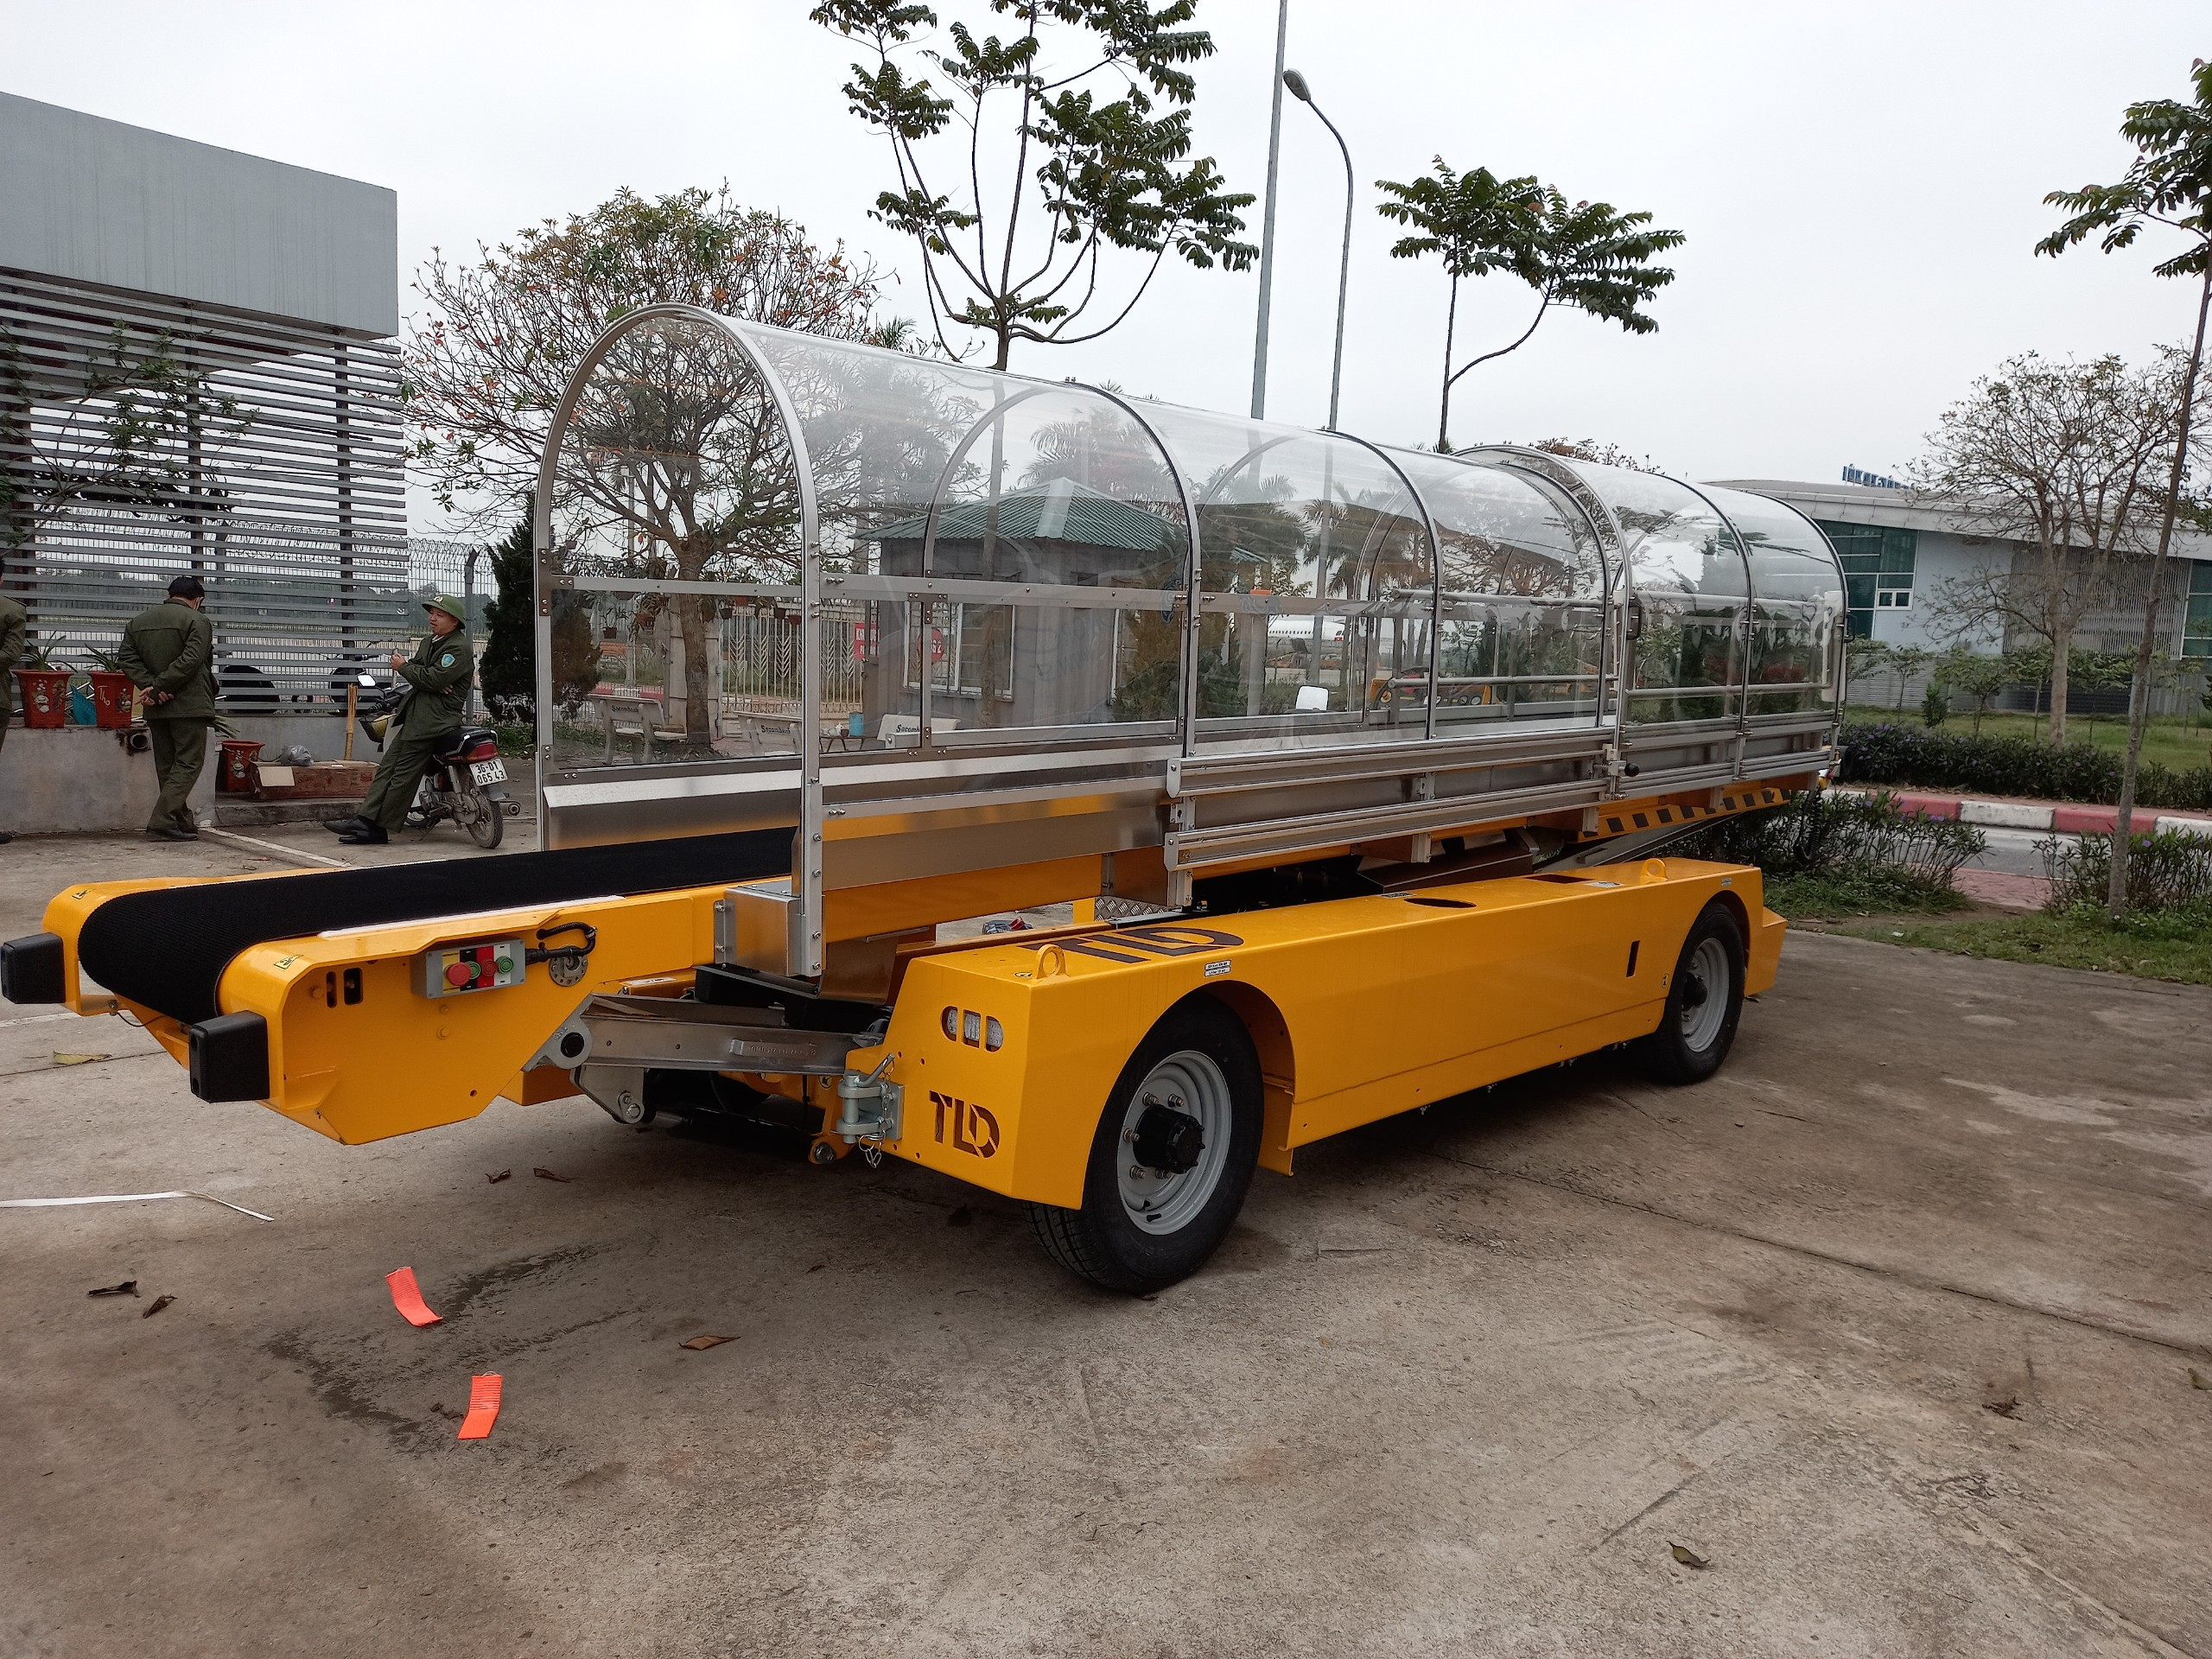 Bàn giao xe băng chuyền hành lý cho ACV tai các sân bay Cần Thơ, Liên Khương, Thọ Xuân và Đồng Hới